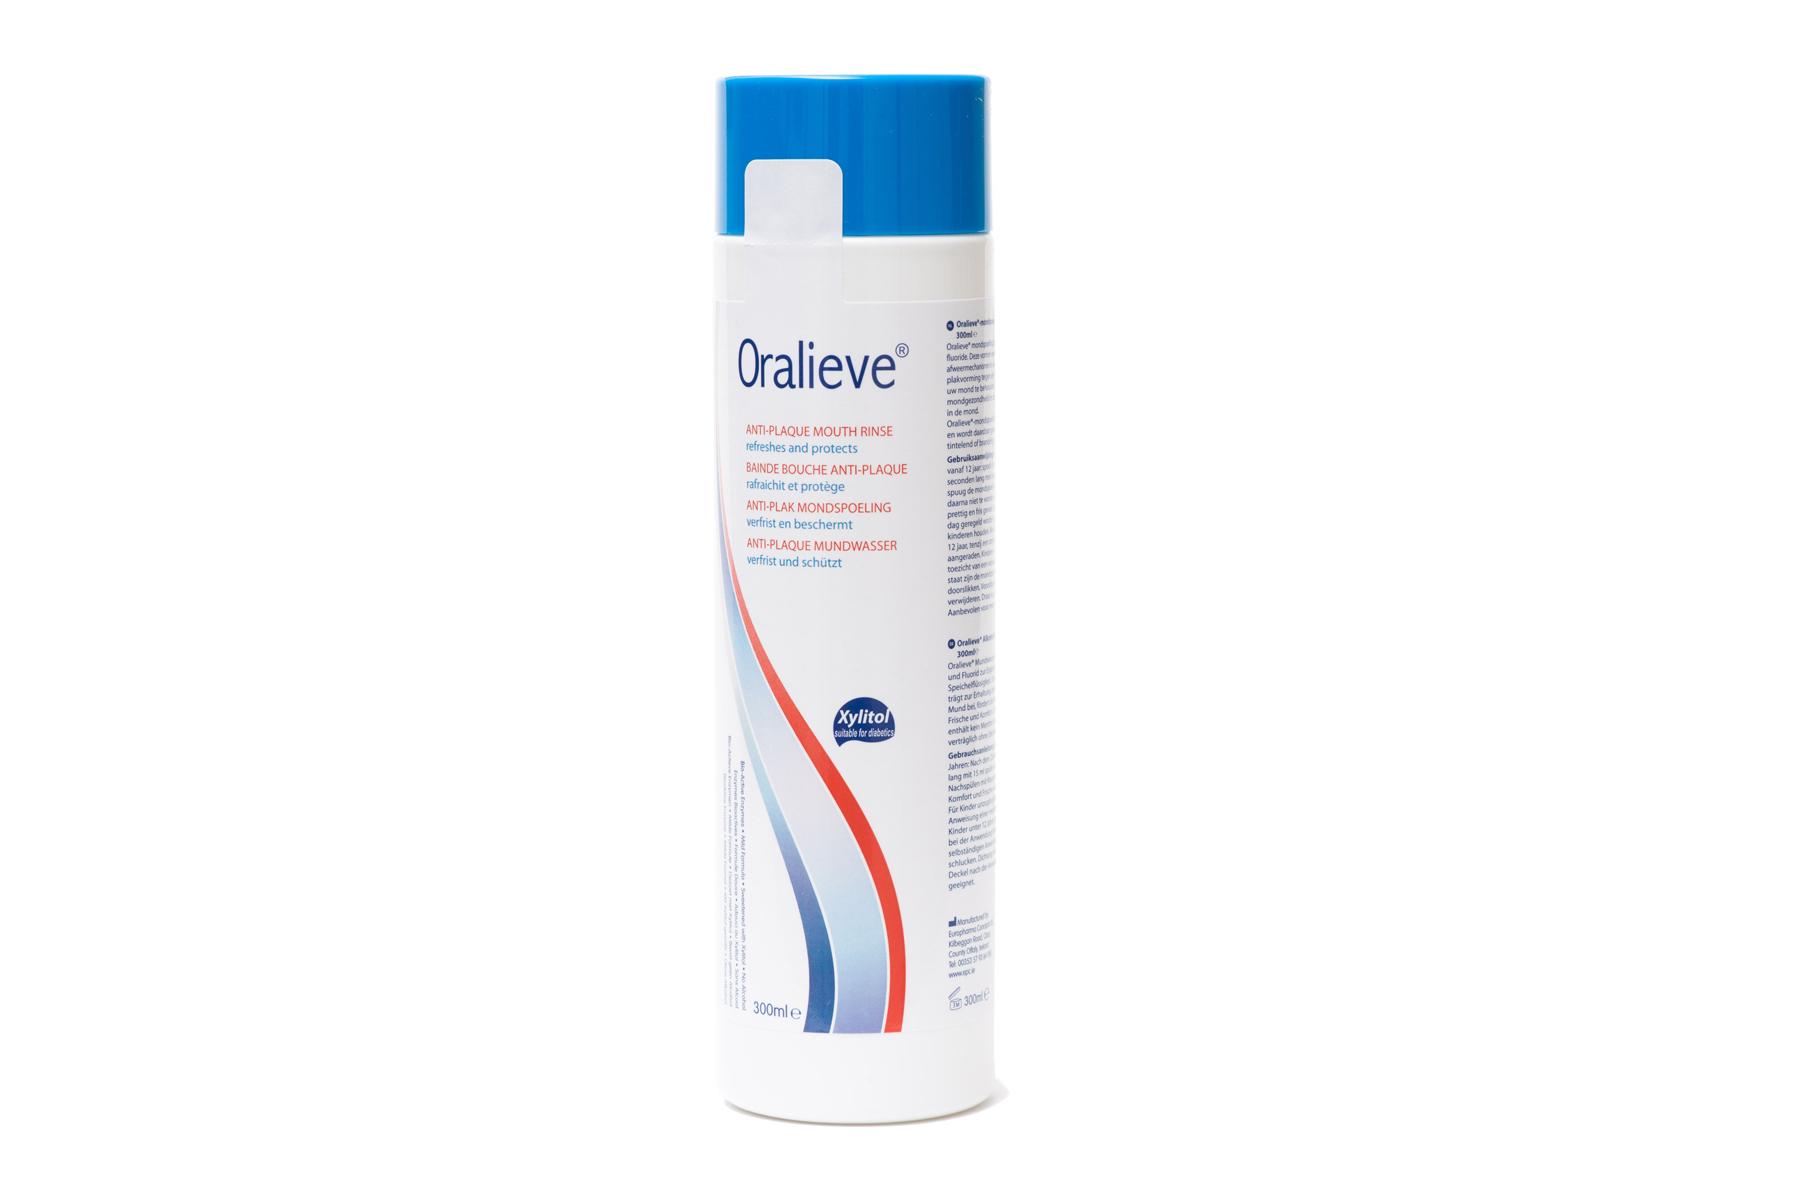 Oralieve-New-mouthwash.jpg